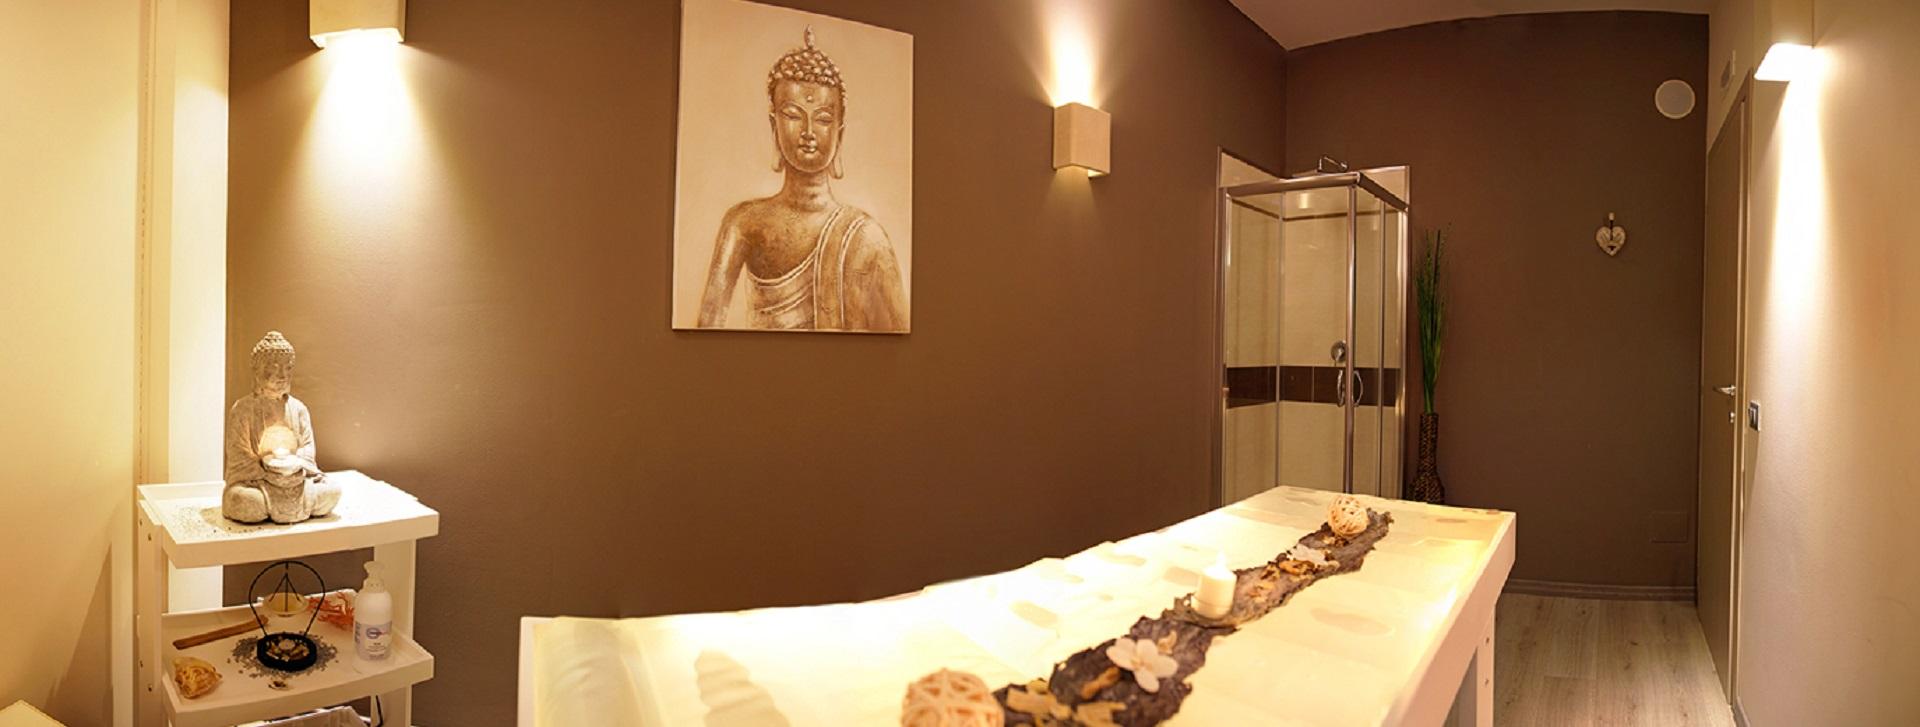 Attrezzature per centri estetici a lecce arredamento for Arredamento spa e centri benessere